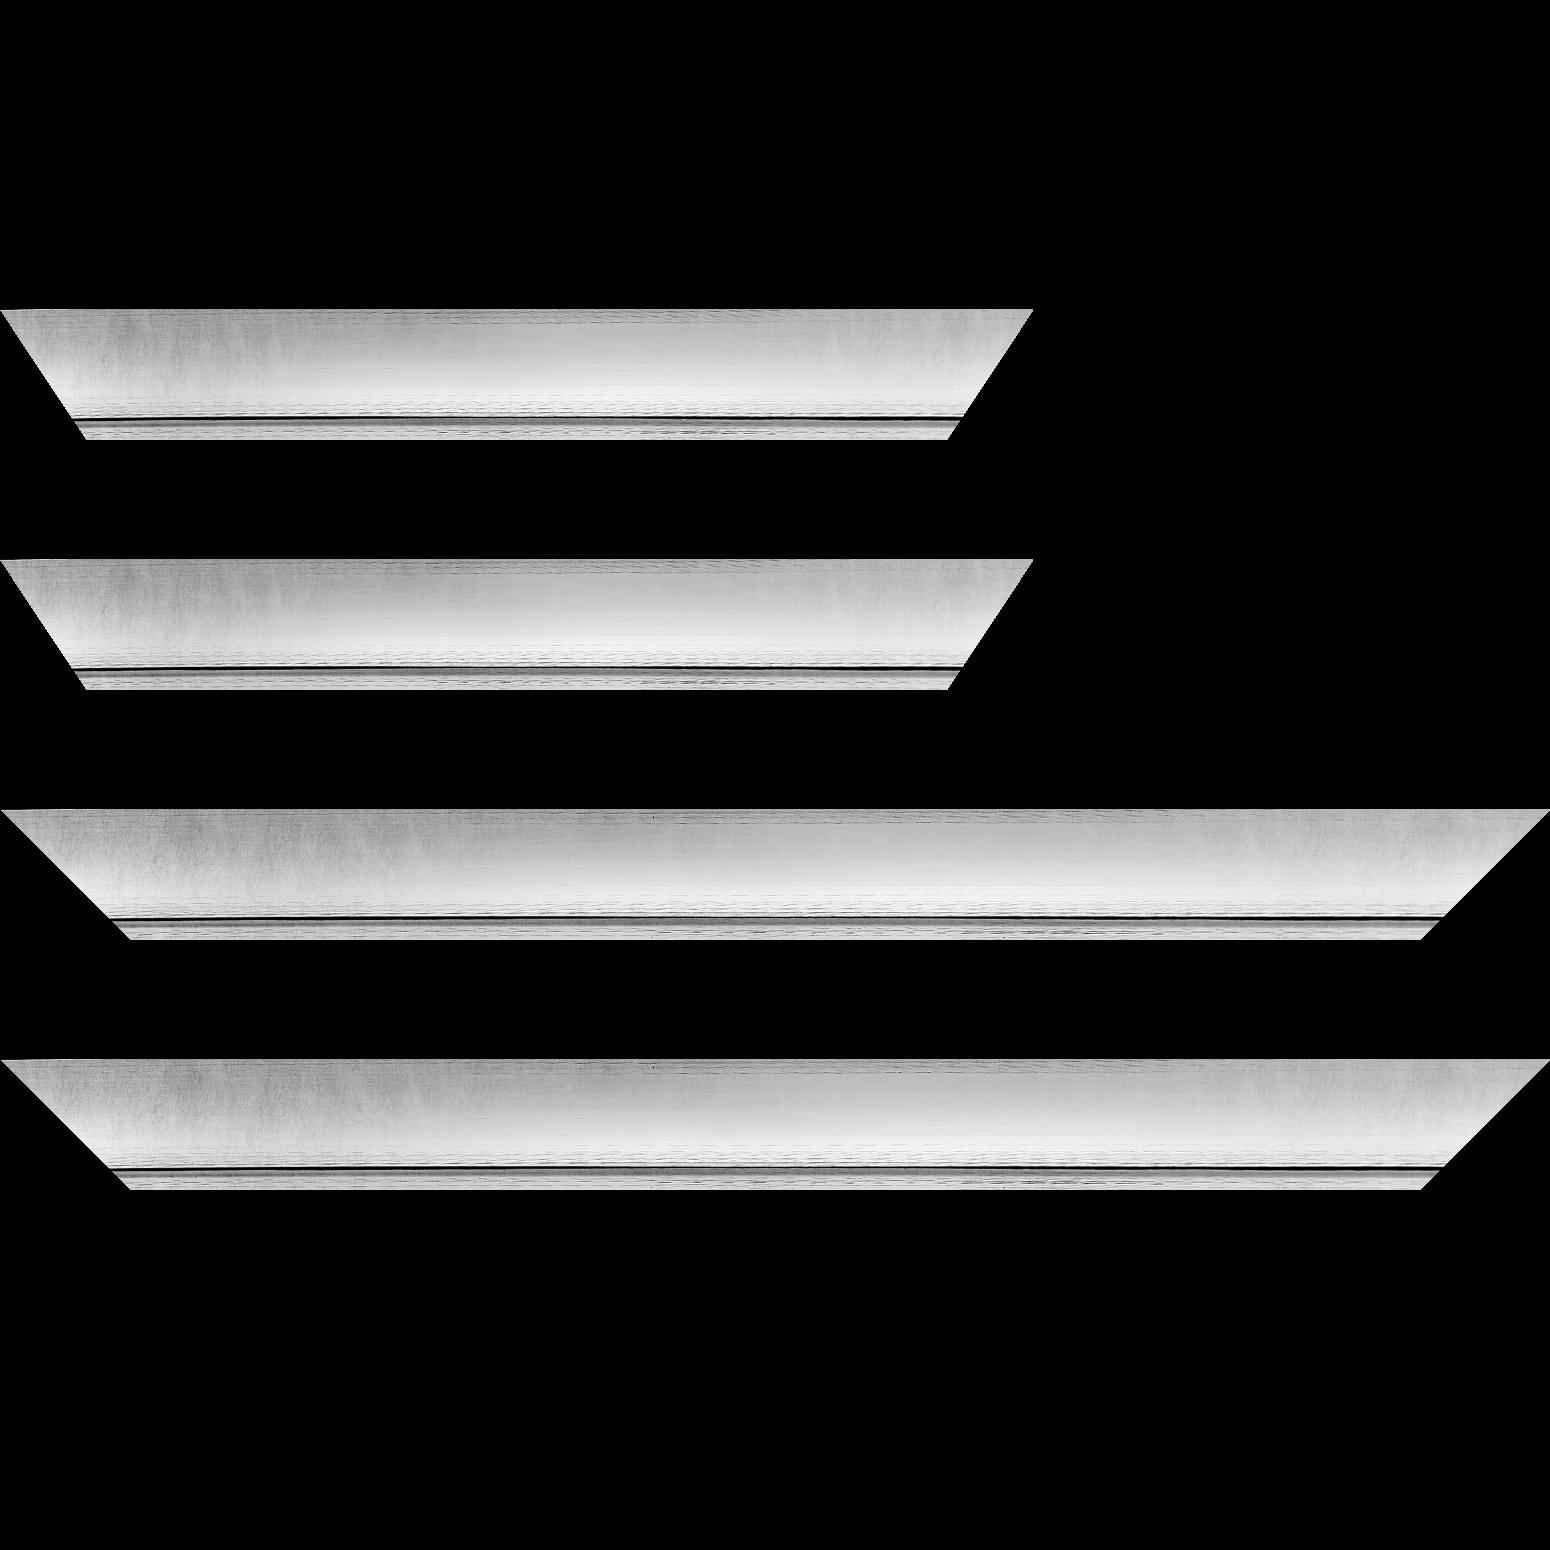 Baguette service précoupé Bois profil incurvé largeur 4.2cm couleur argent froid  effet givré